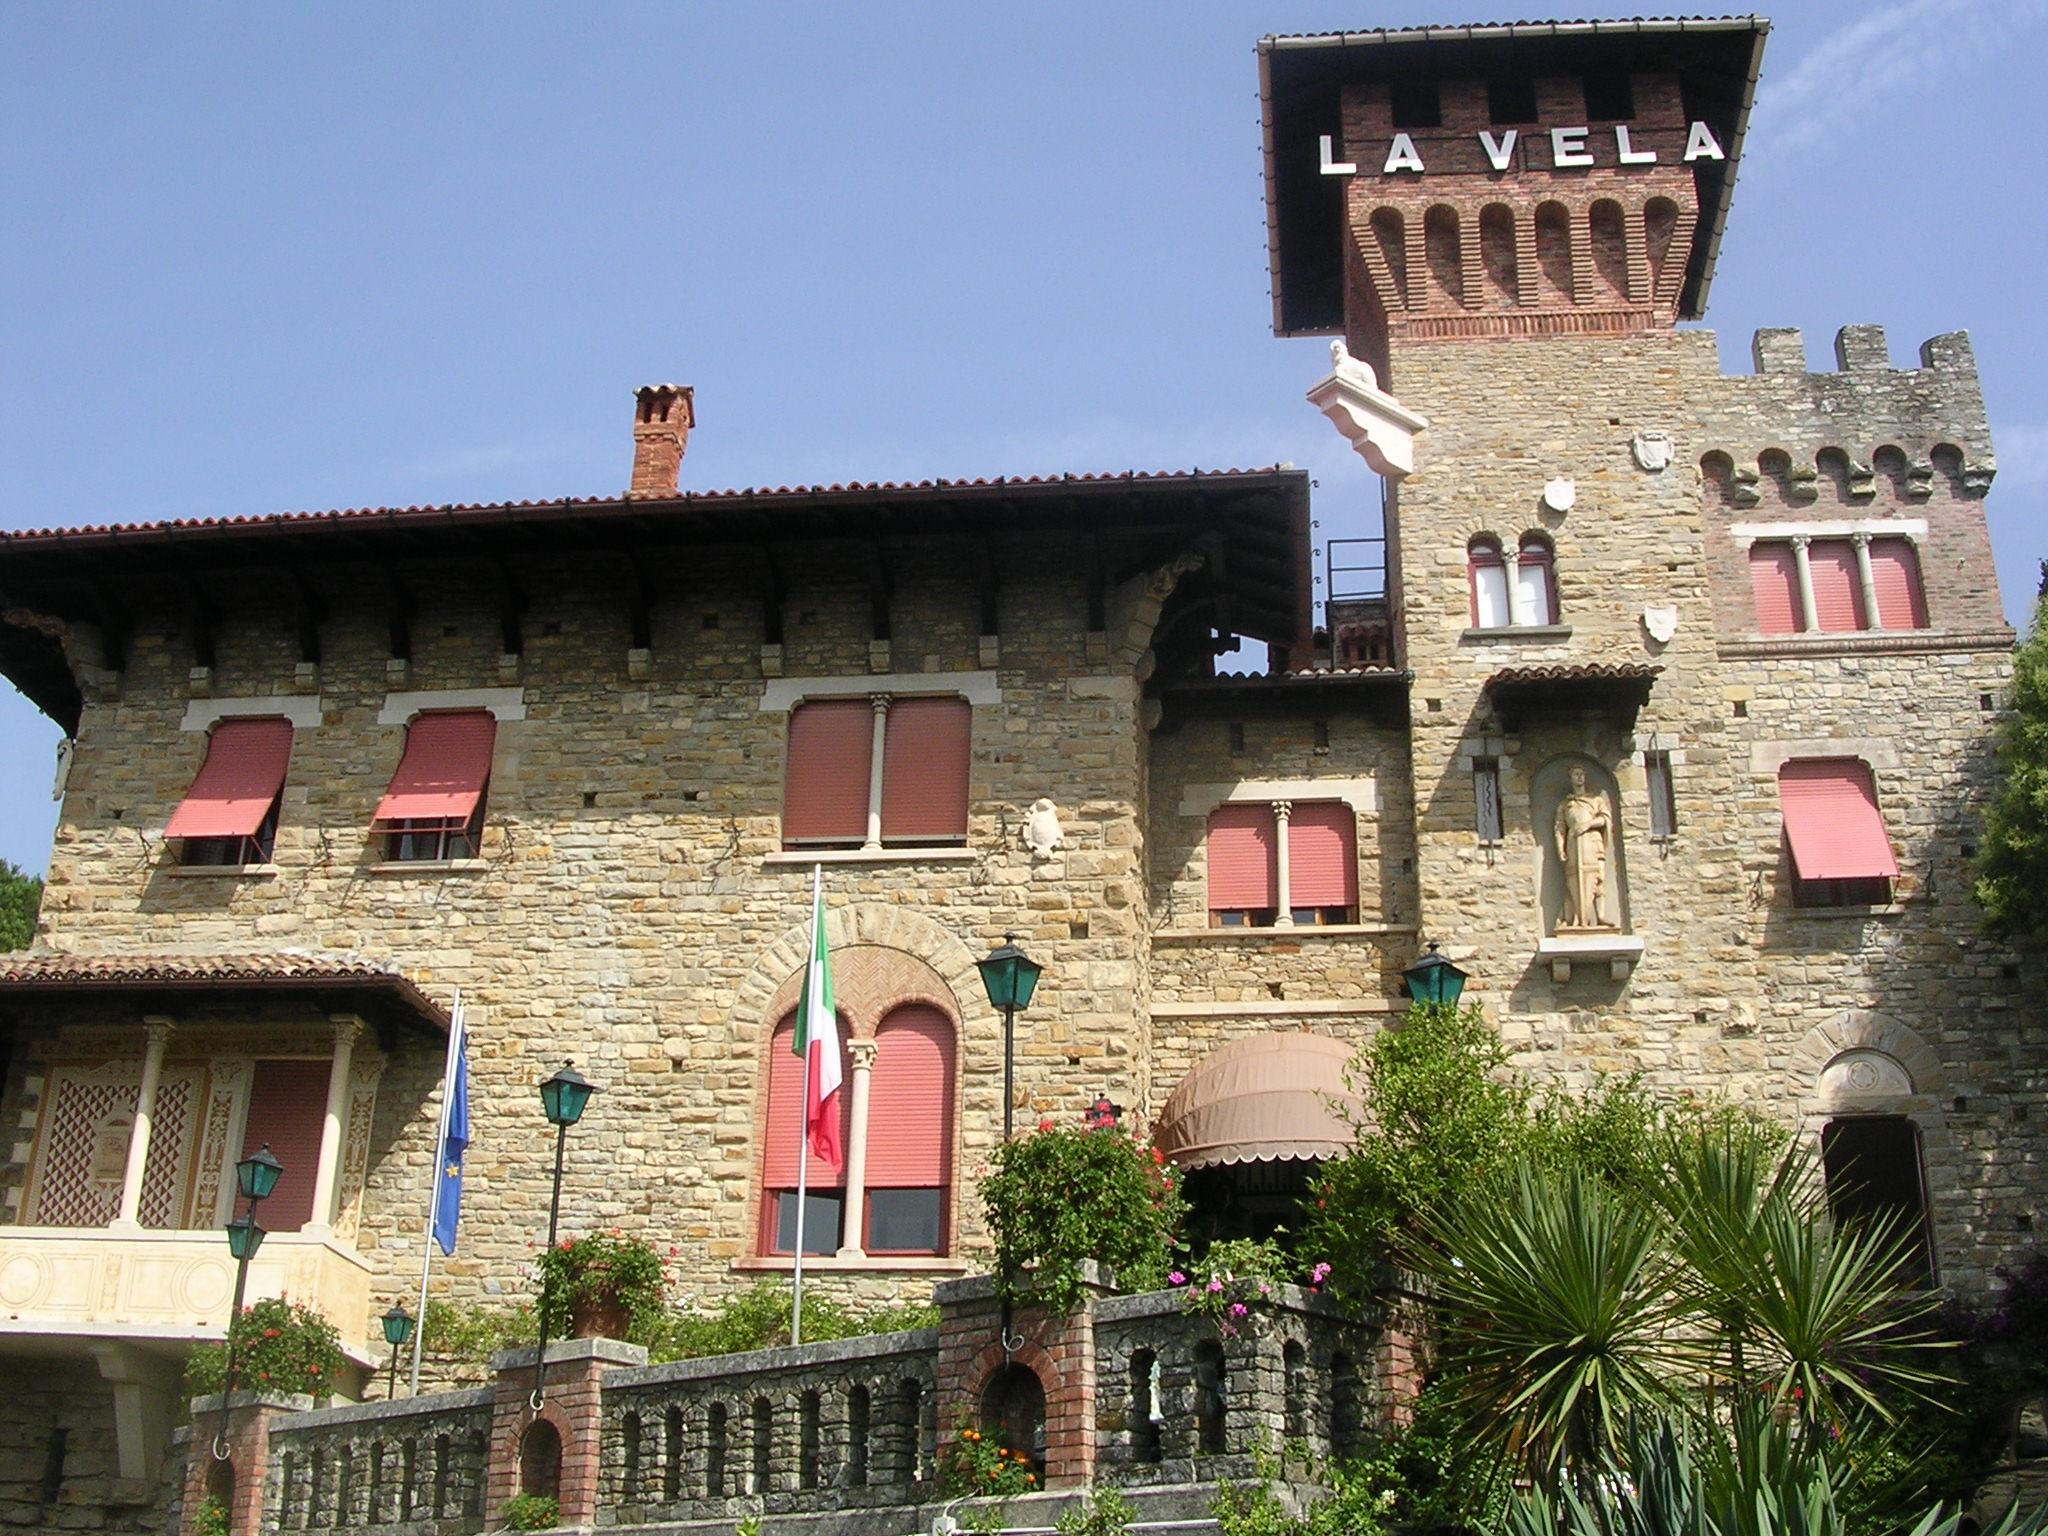 Esterna Hotel La Vela Santa Margherita